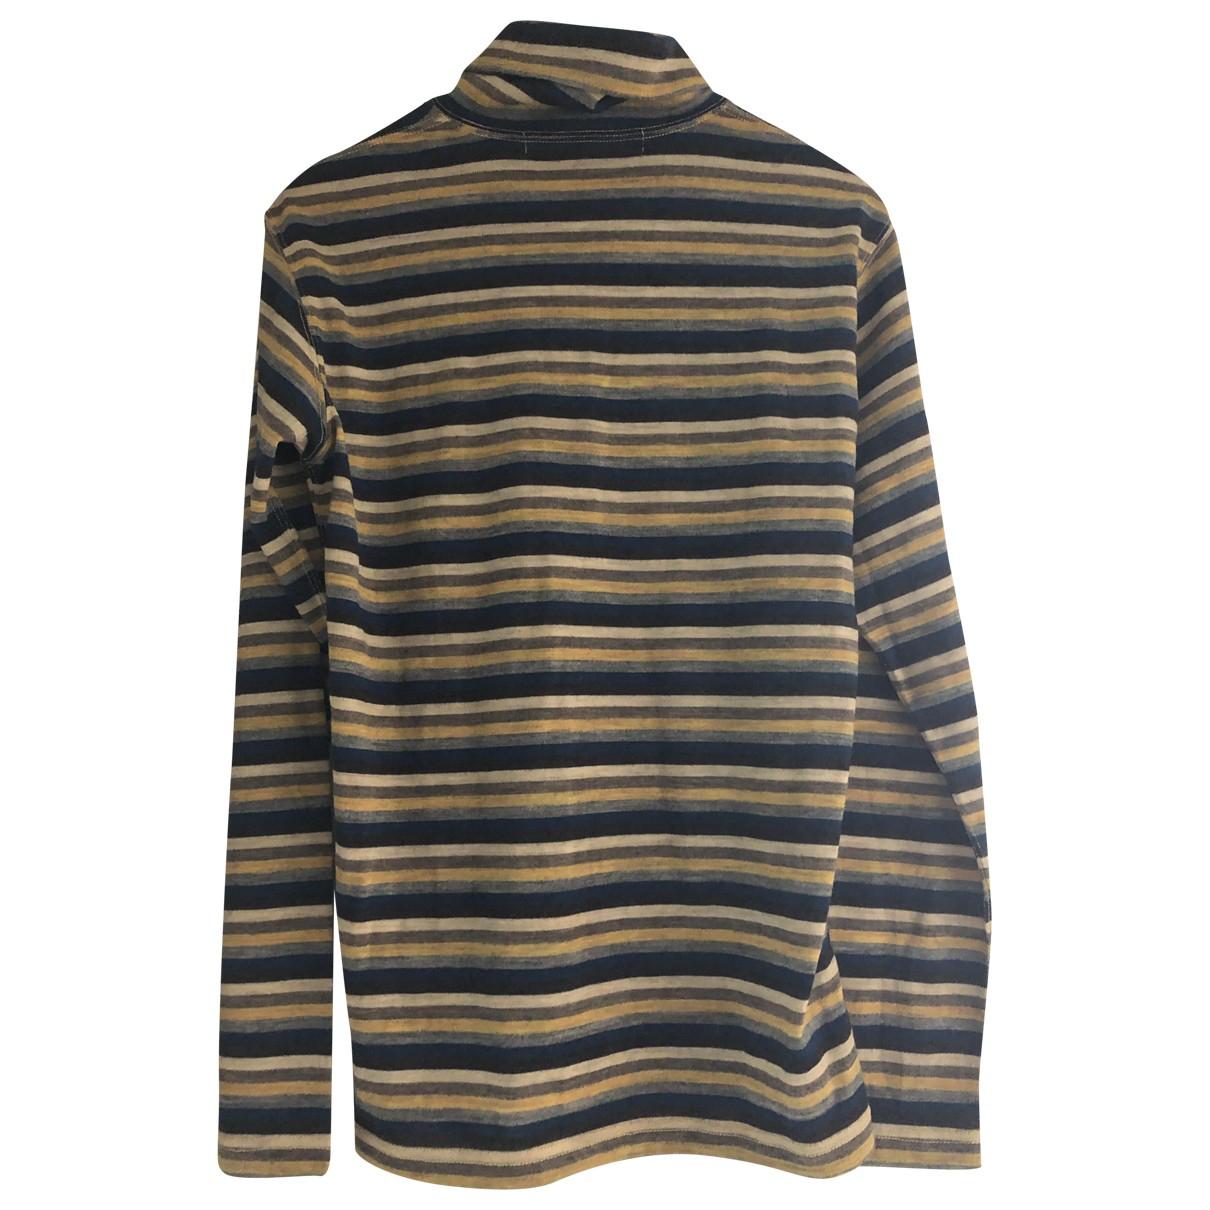 Junya Watanabe - Pulls.Gilets.Sweats   pour homme en laine - multicolore